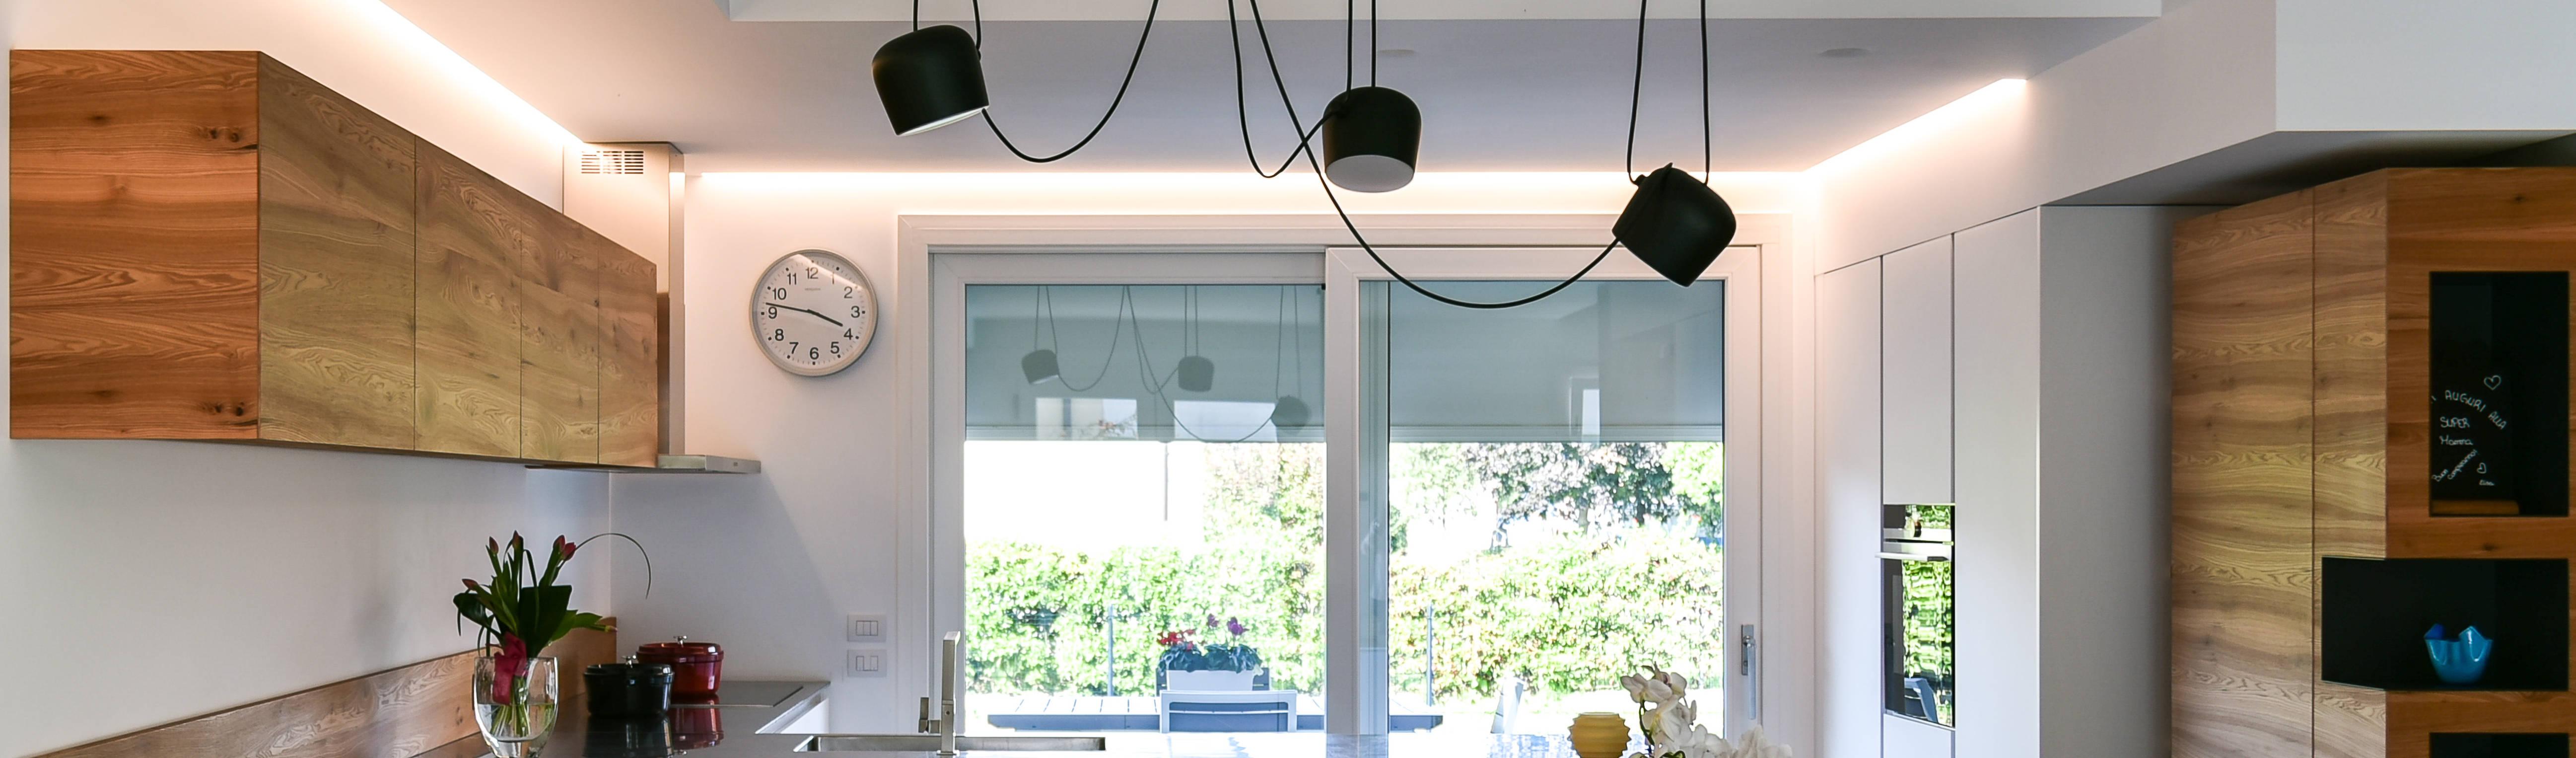 Architetto Bassano Del Grappa claude petarlin: architetti a bassano del grappa | homify